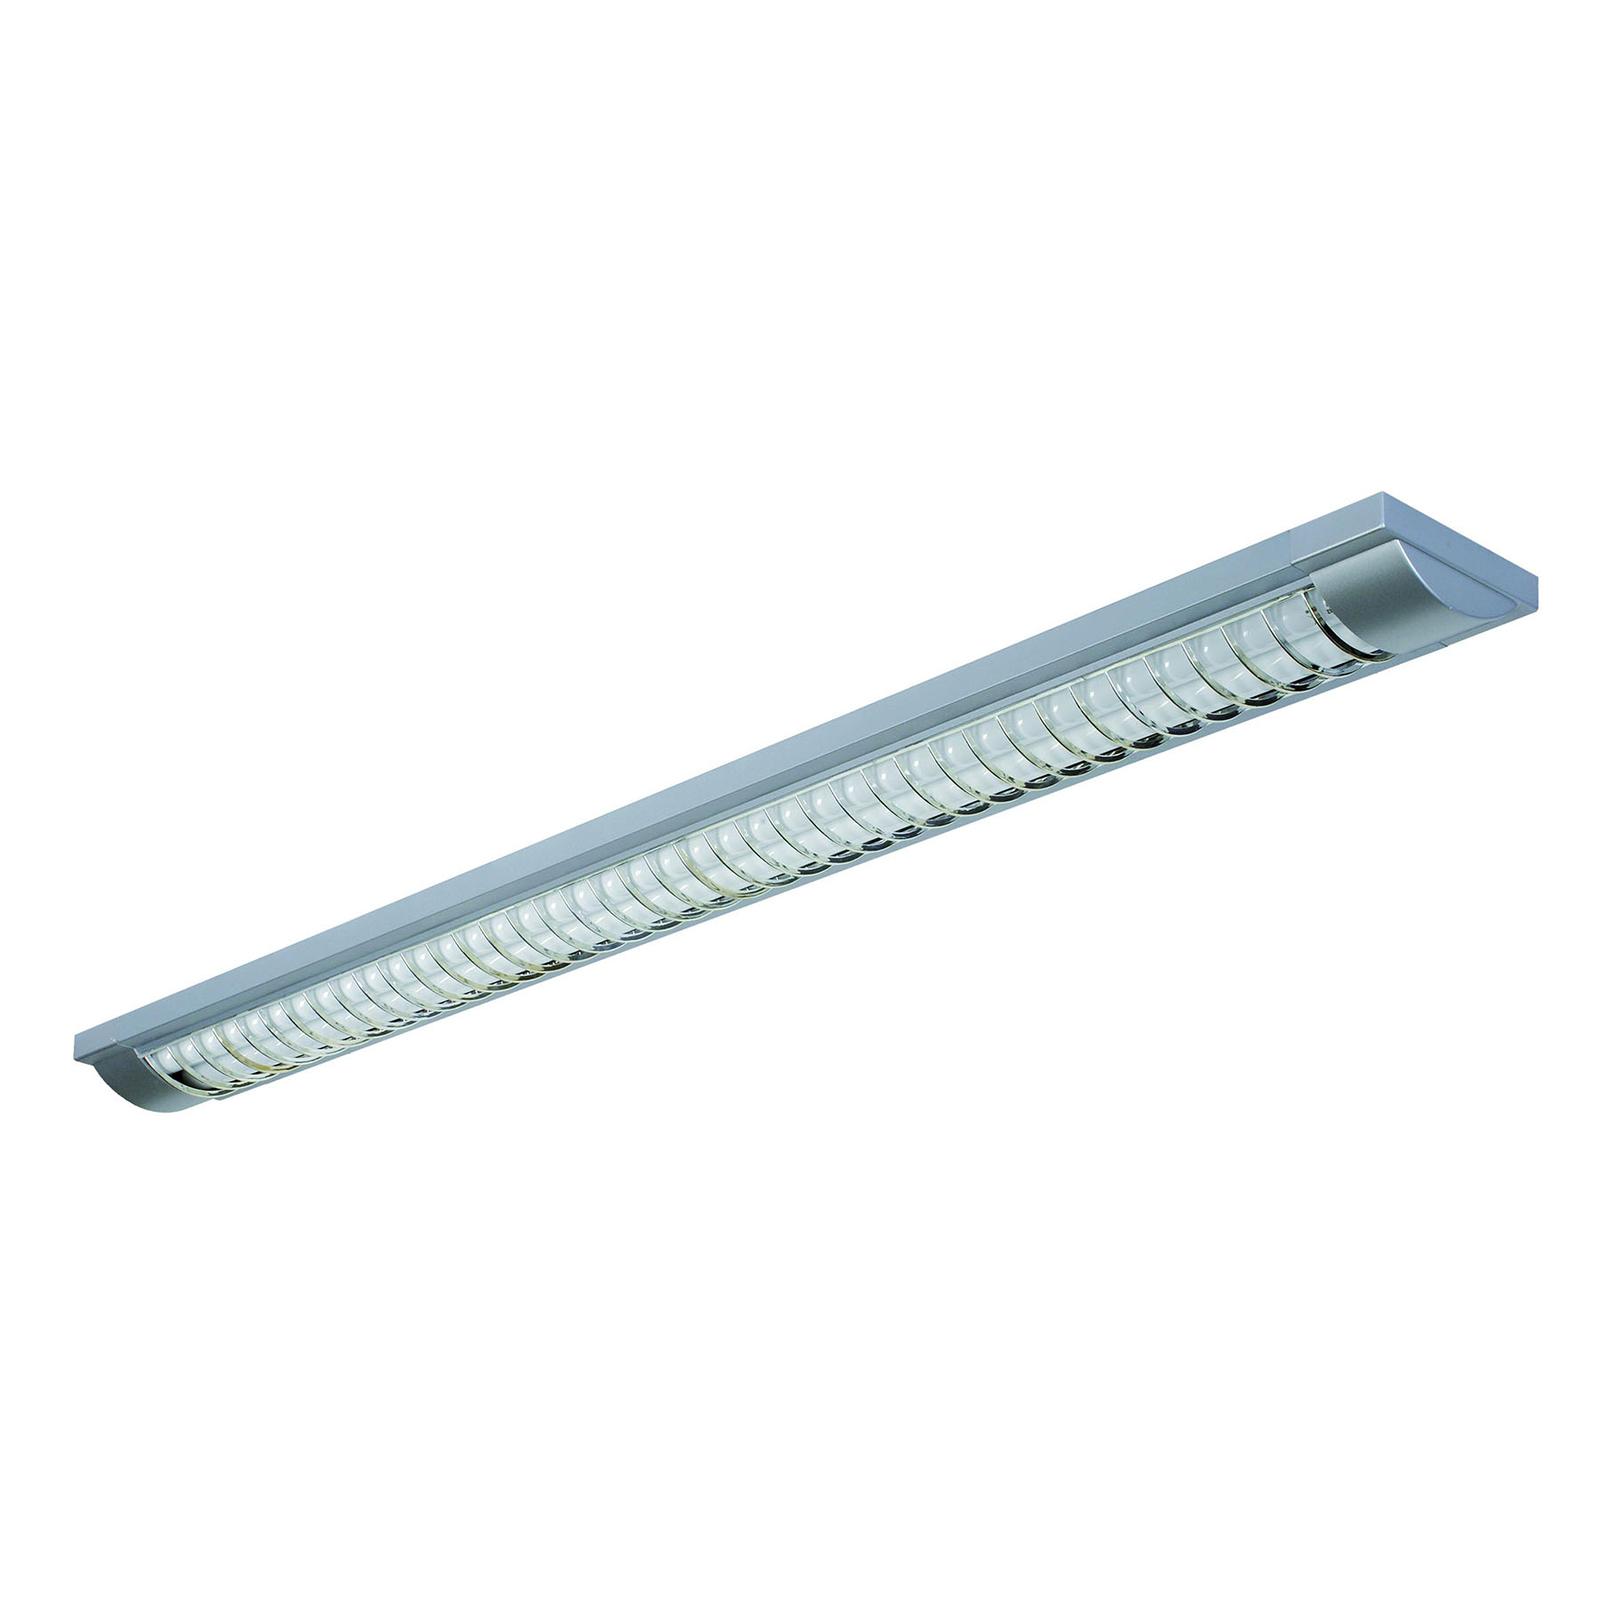 LED rasterlampa 44 med G13/T8, silver